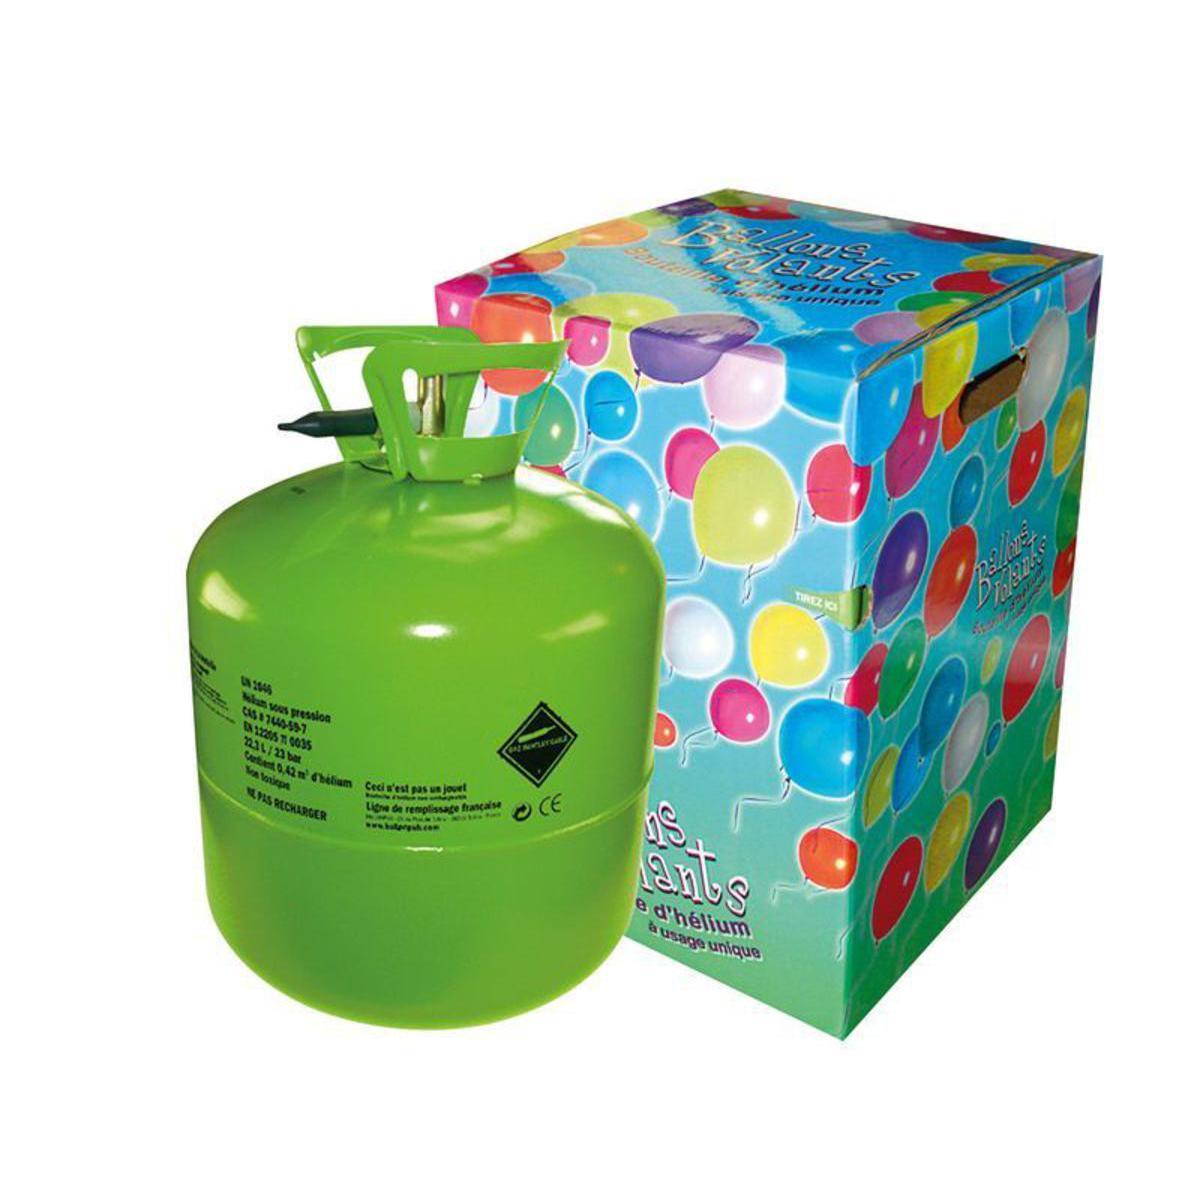 Embout Helium Jetable Pour 50 Ballons Multicolore Accessoires Deguisement La Foir Fouille